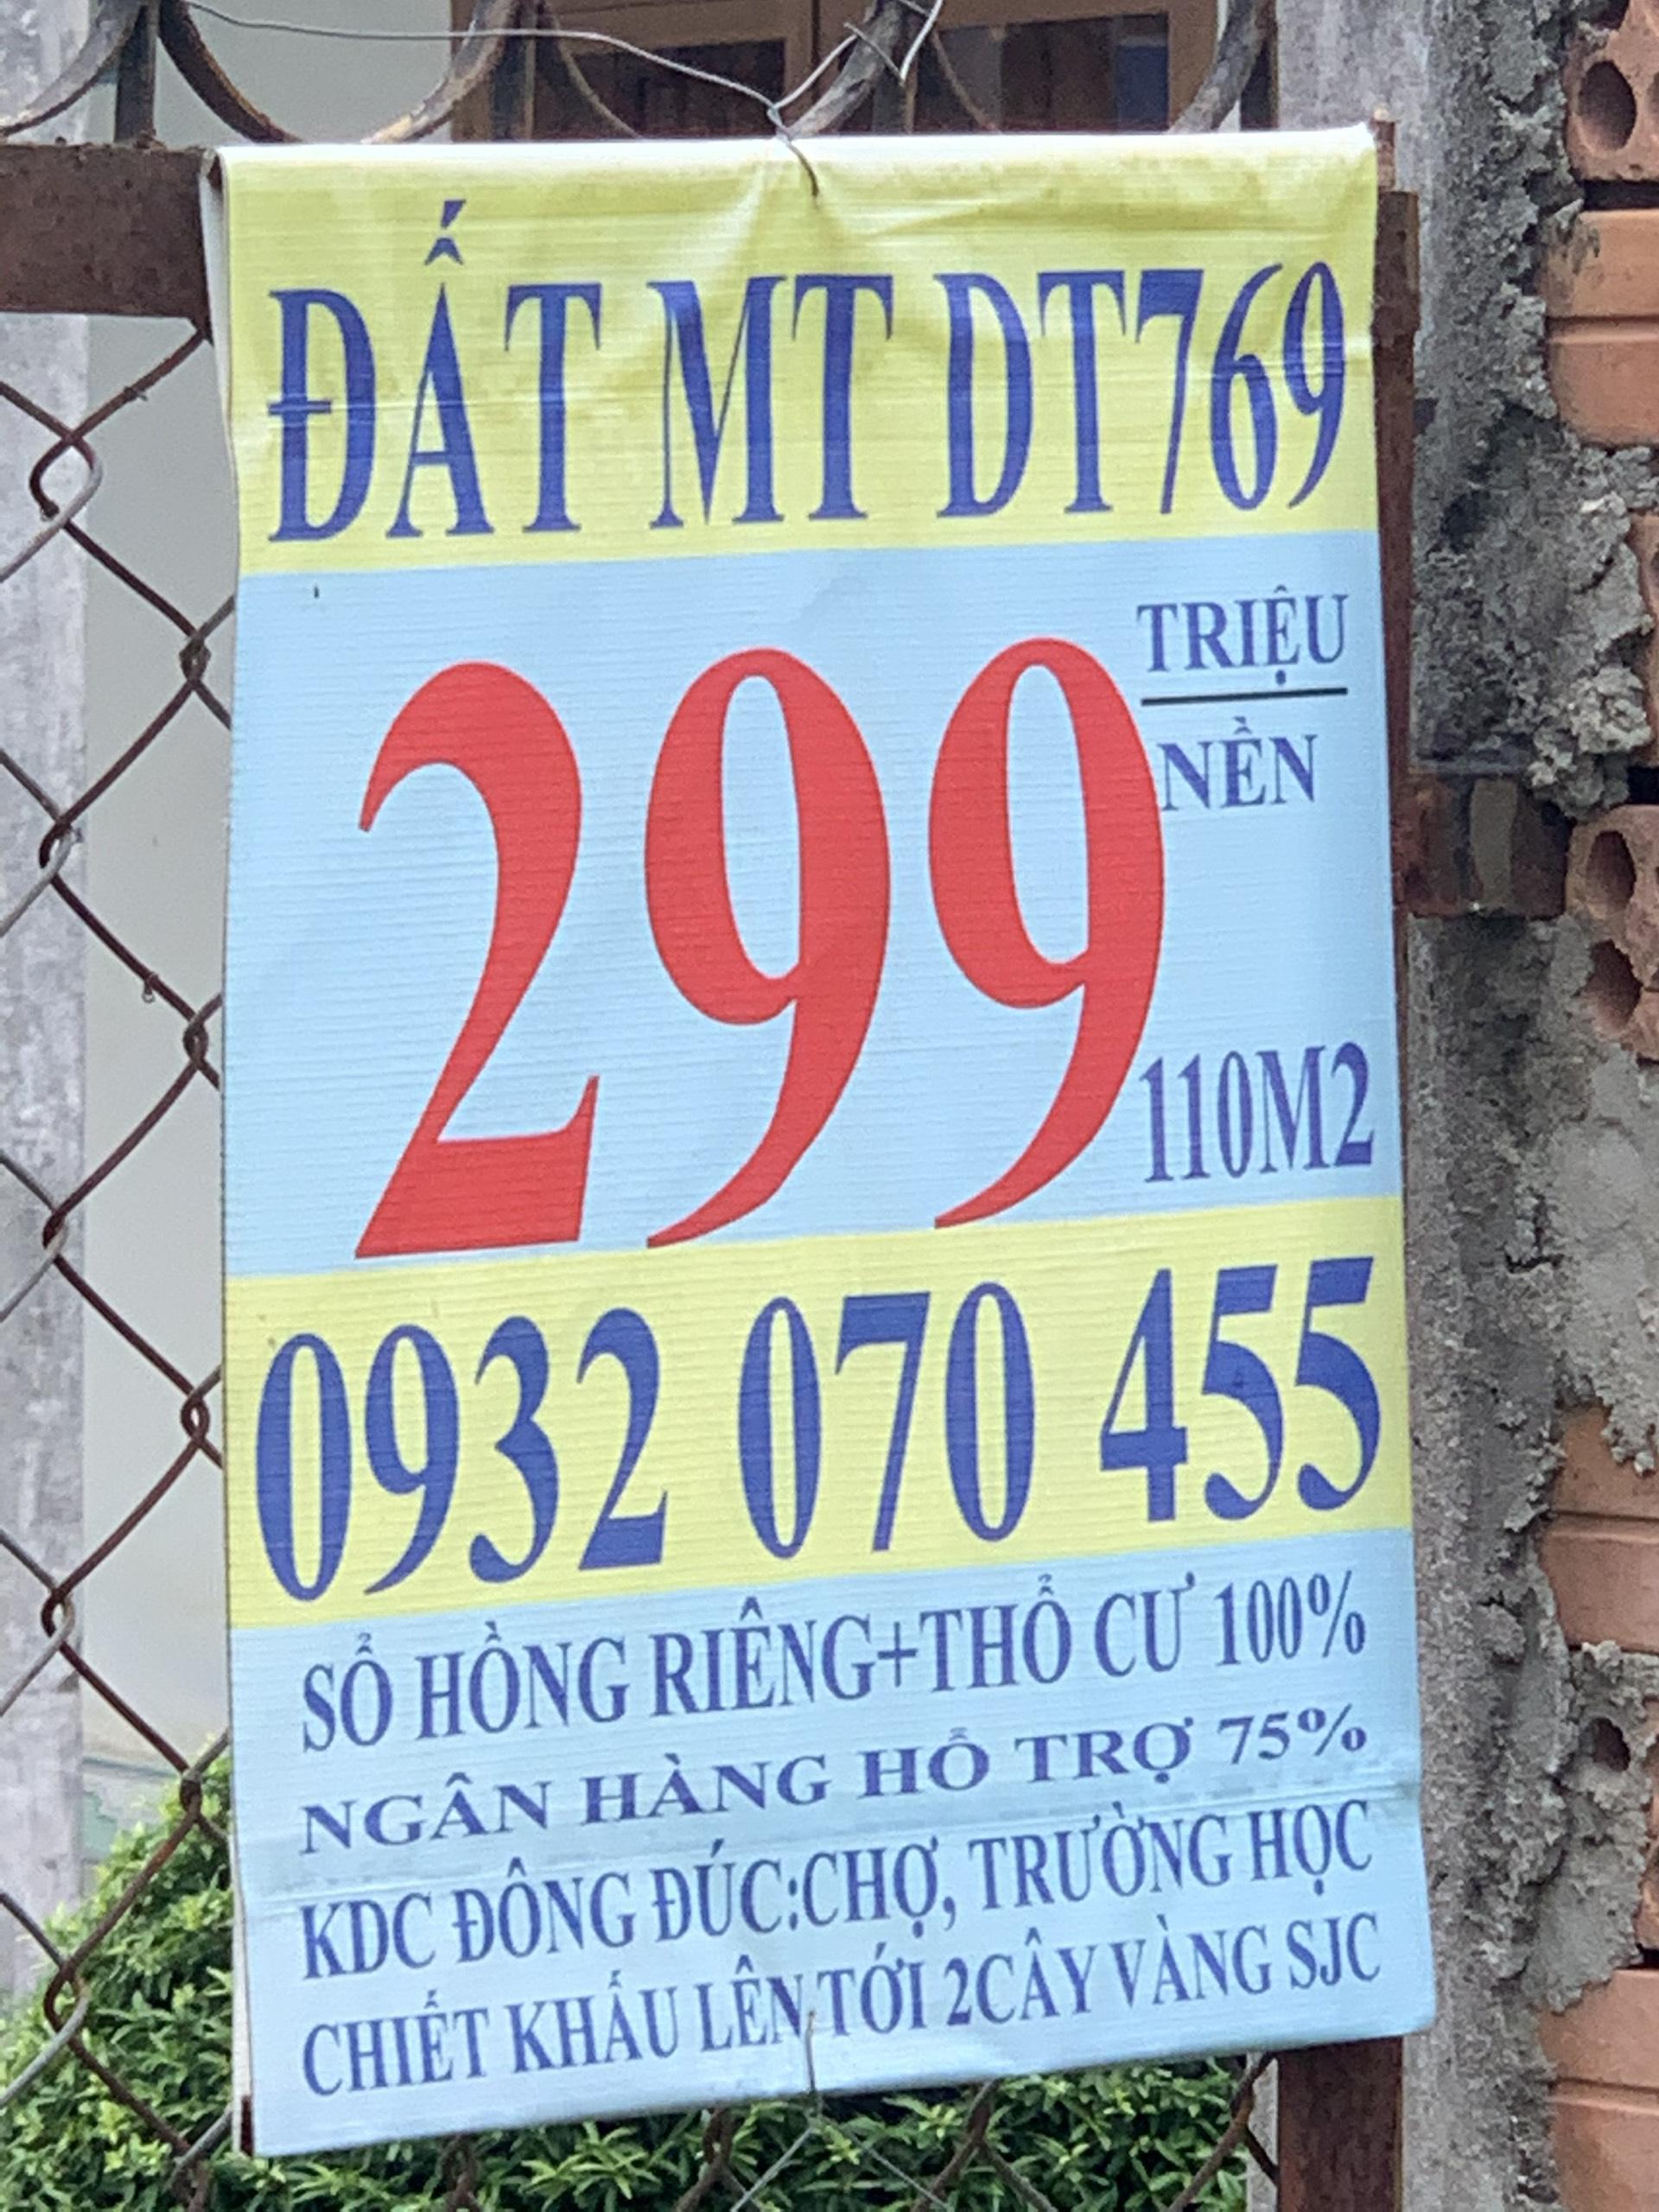 Sân bay chưa làm, giá đất Long Thành đã tăng chóng mặt - Ảnh 1.